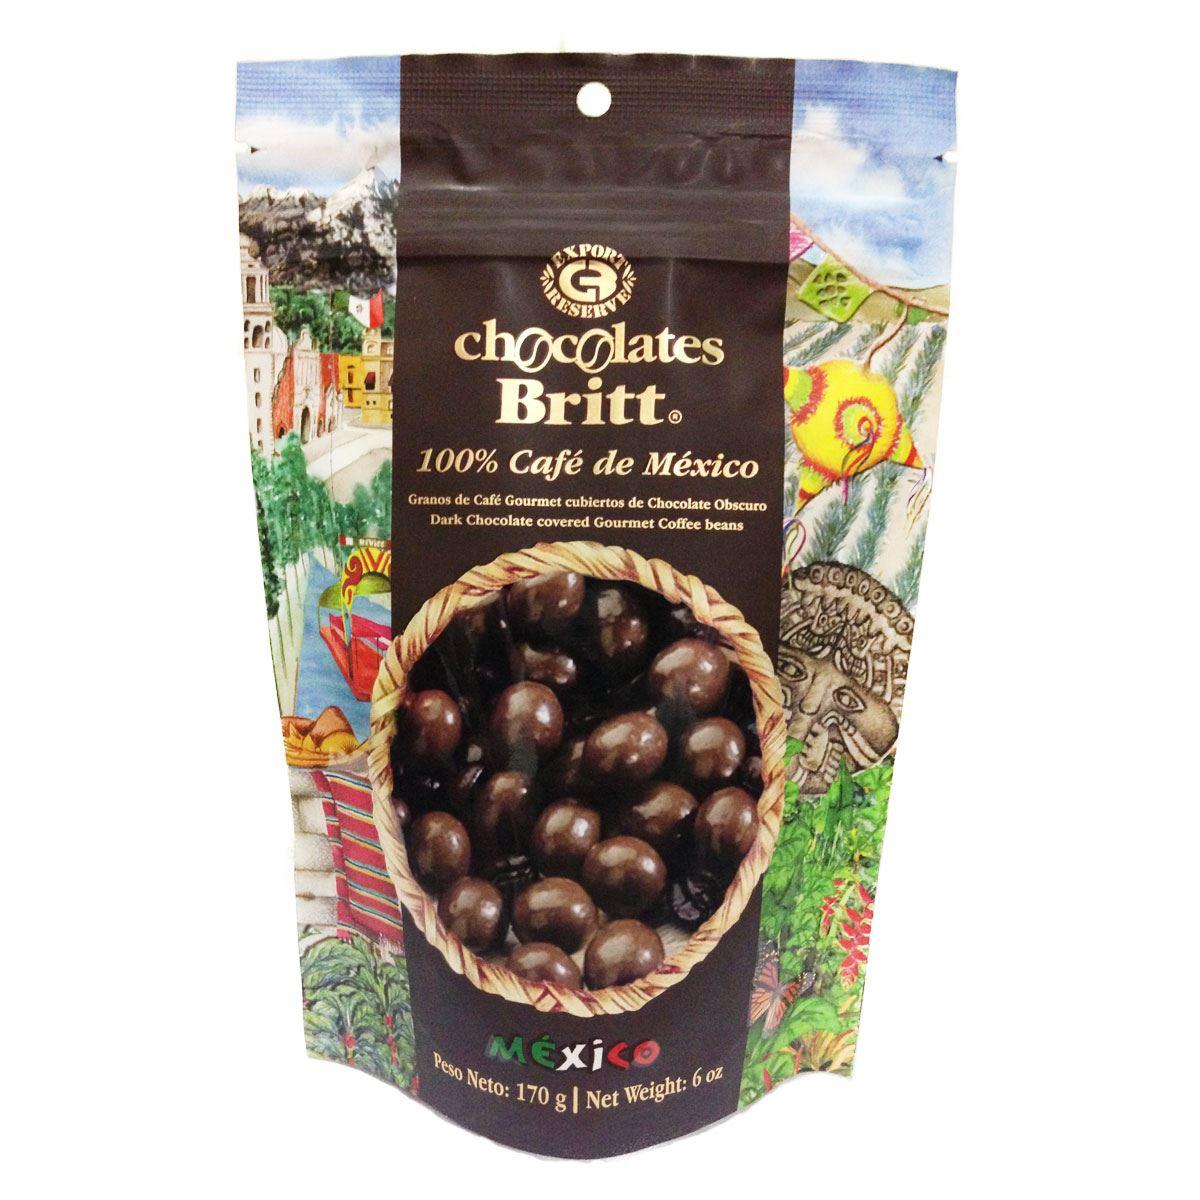 Granos de Café cubiertos de Chocolate Obscuro Chocolates Britt México 170g